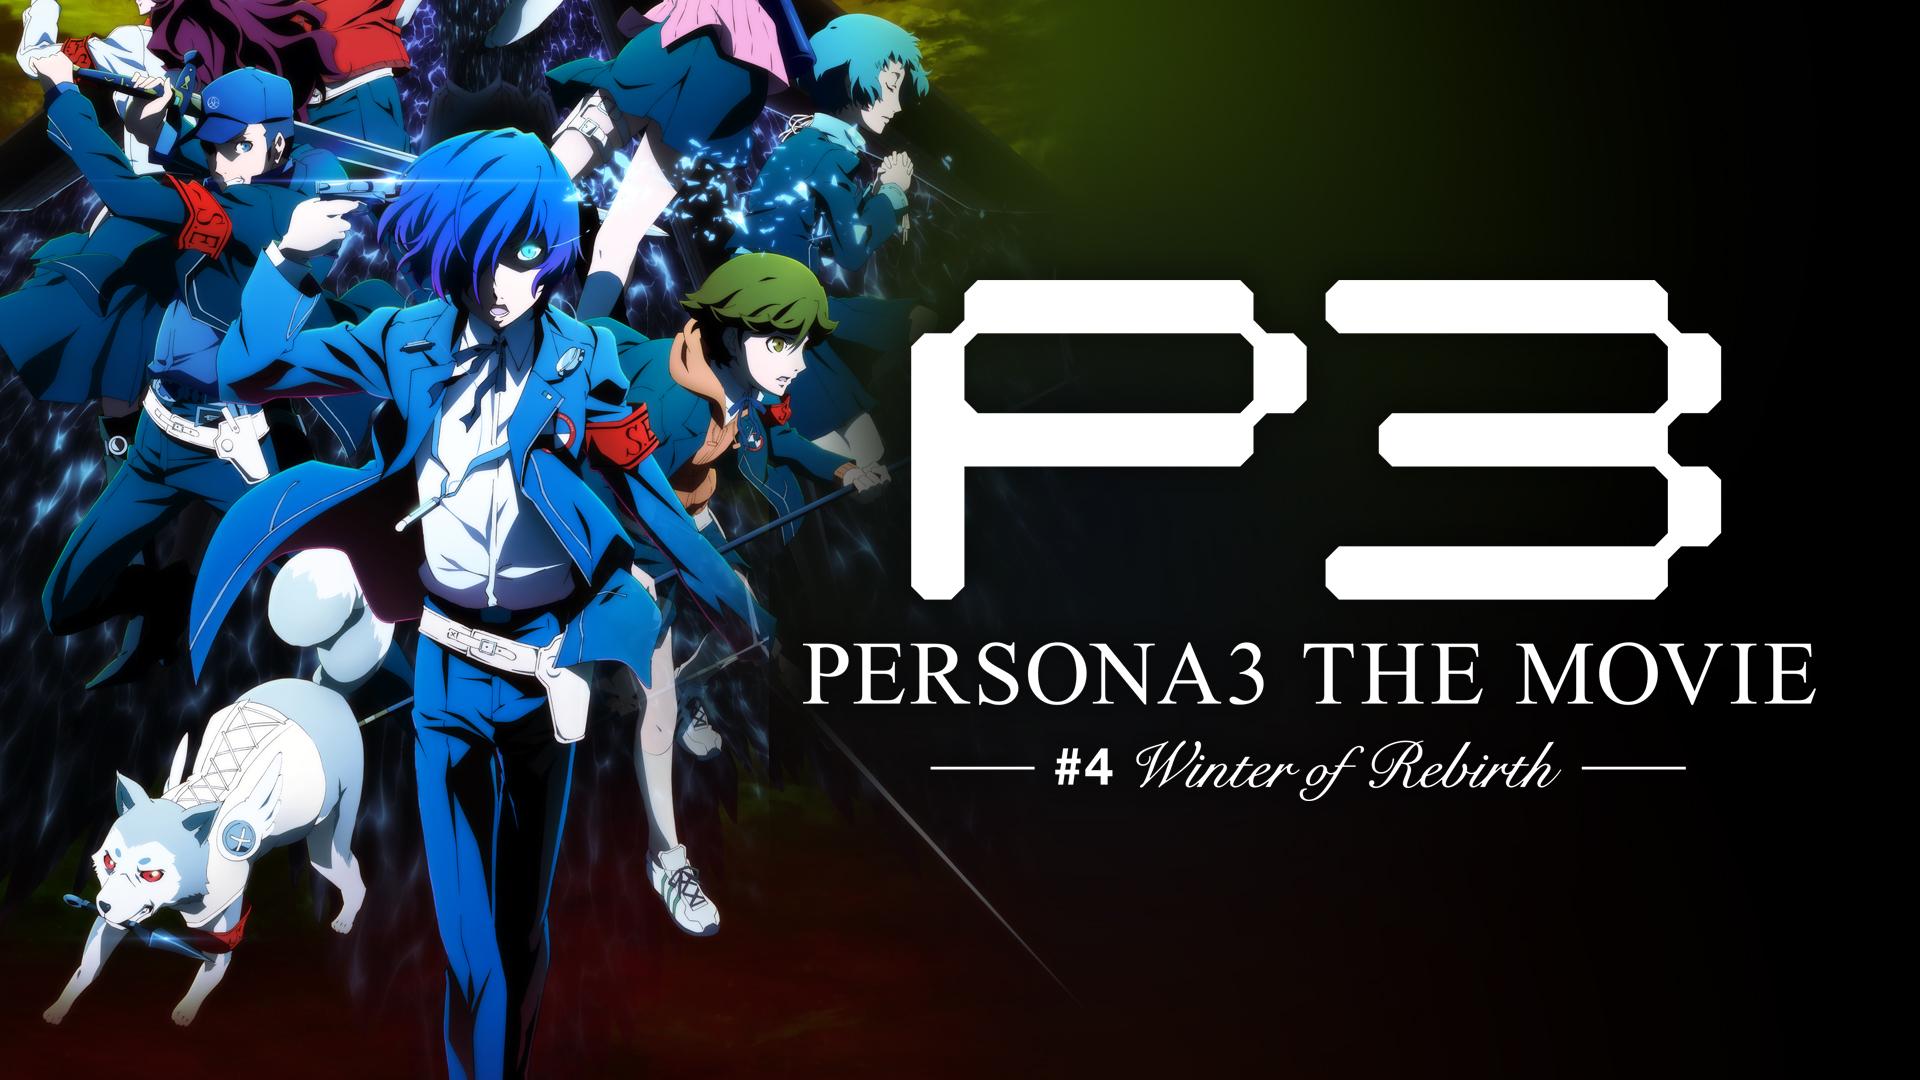 Persona 3 - Winter of Rebirth - Movie 4